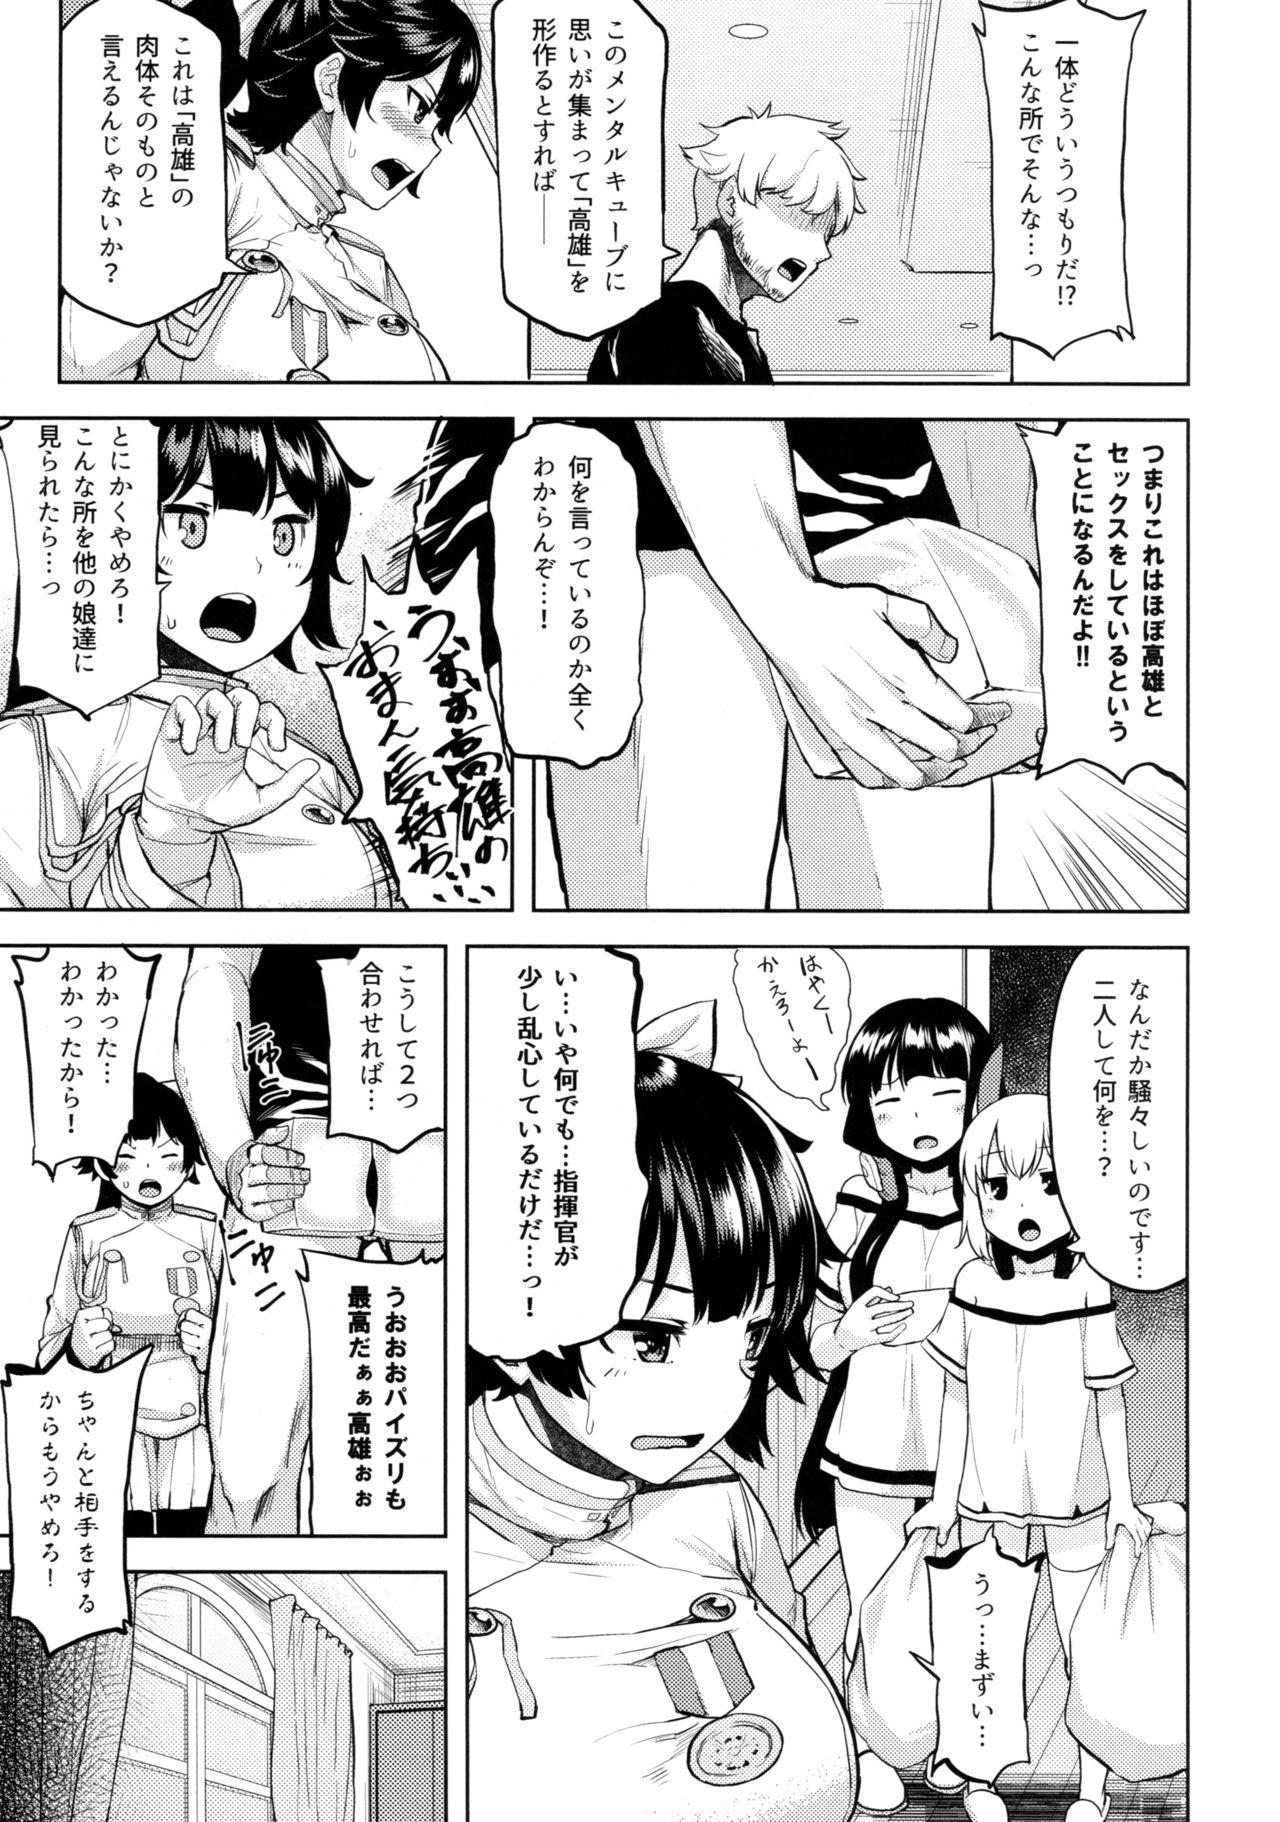 Oshi ni Yowai Takao 5